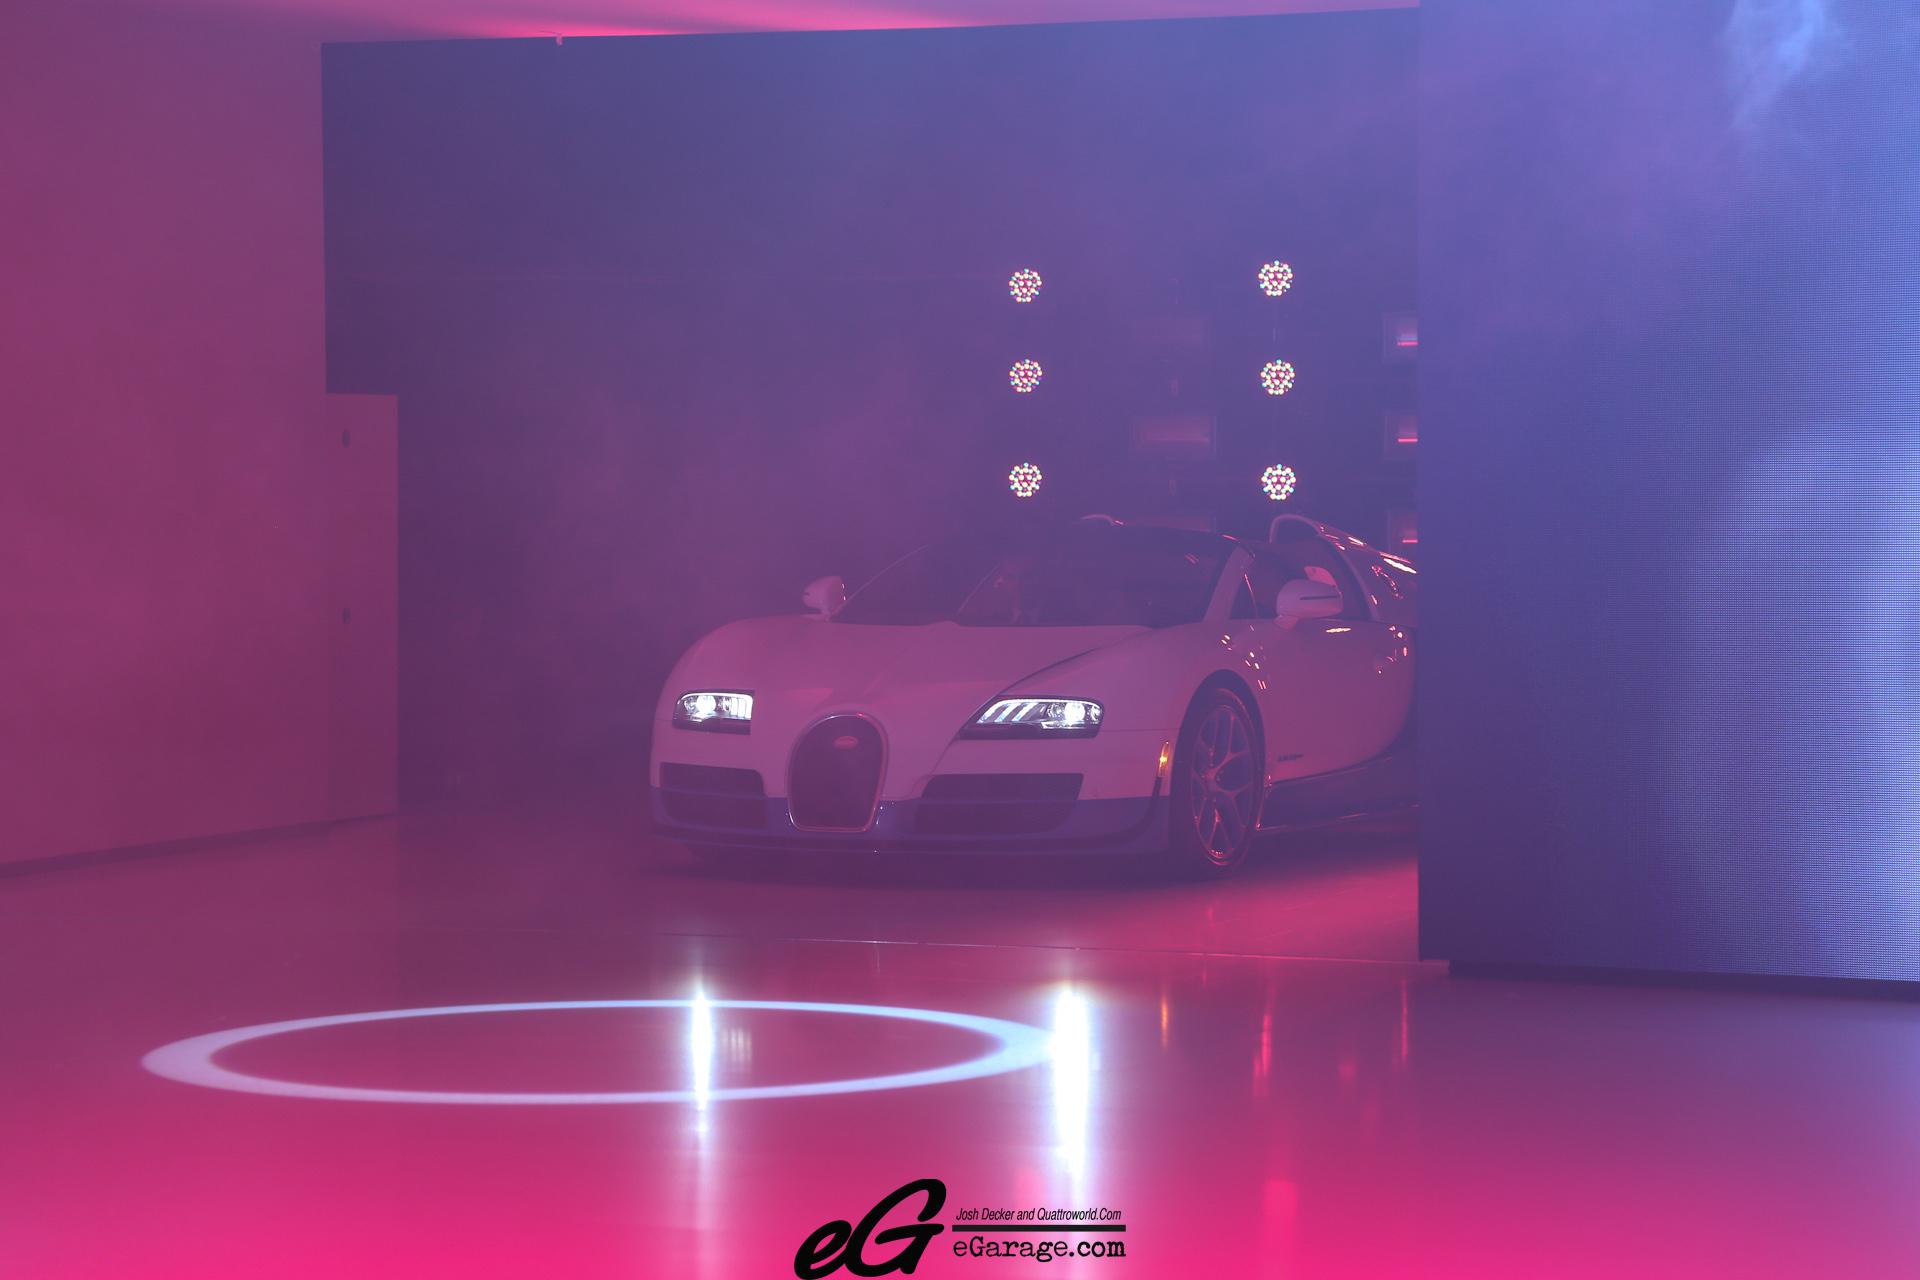 8030386659 868dcd8677 o 2012 Paris Motor Show